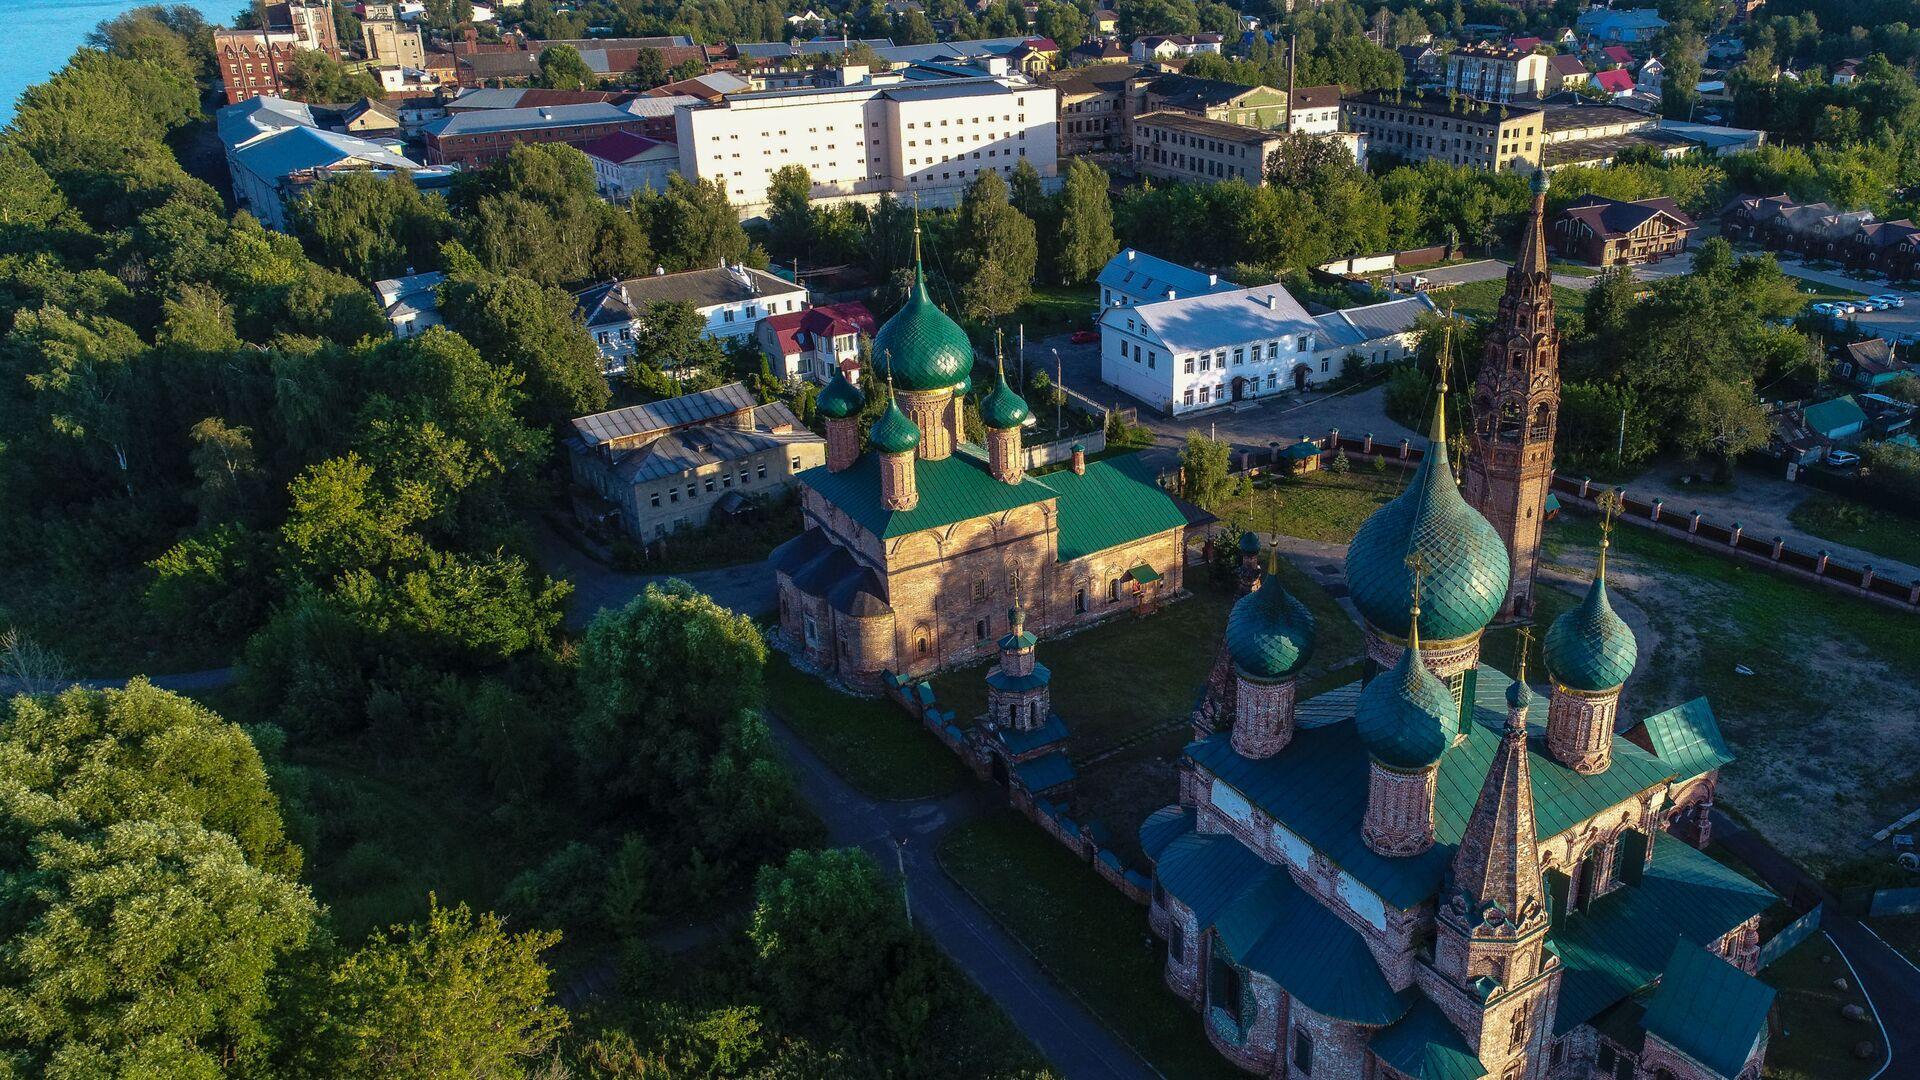 Церковь Усекновения главы Иоанна Предтечи в Ярославле - Sputnik Грузия, 1920, 10.09.2021